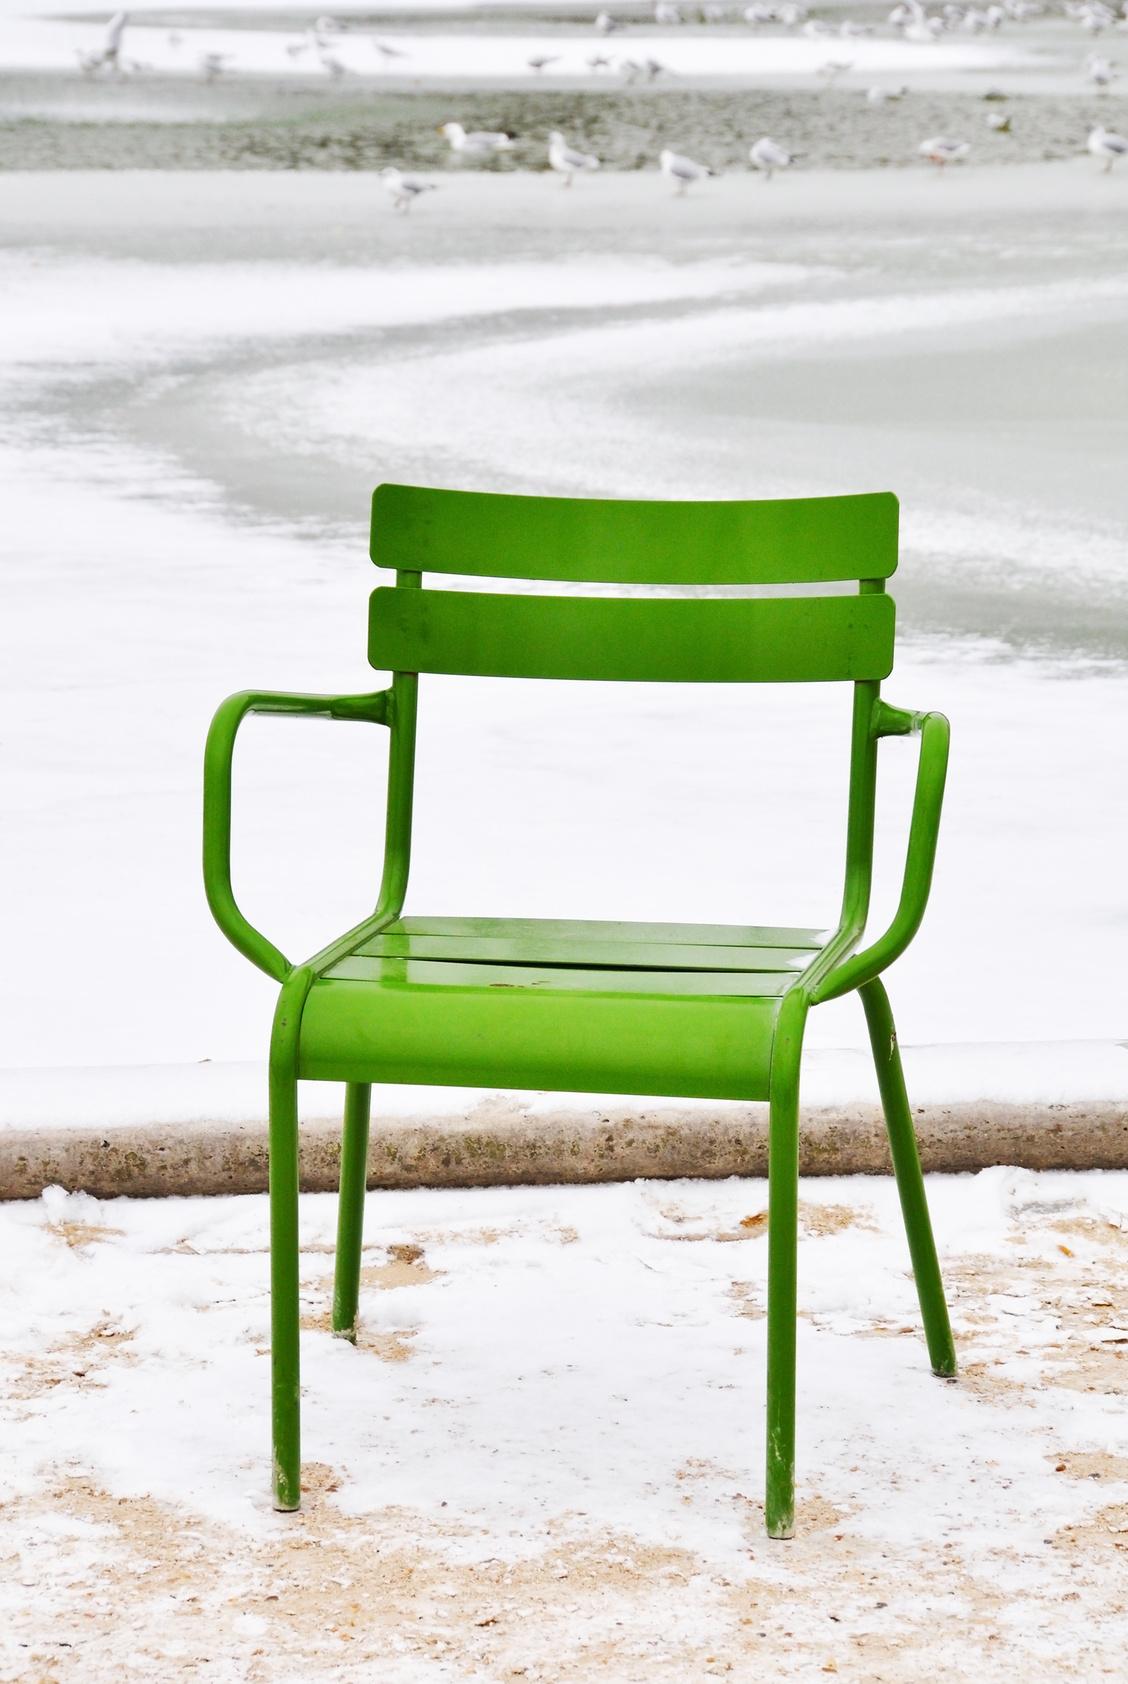 Chaise dans un parc en hiver, © dutourdumonde - Fotolia.com